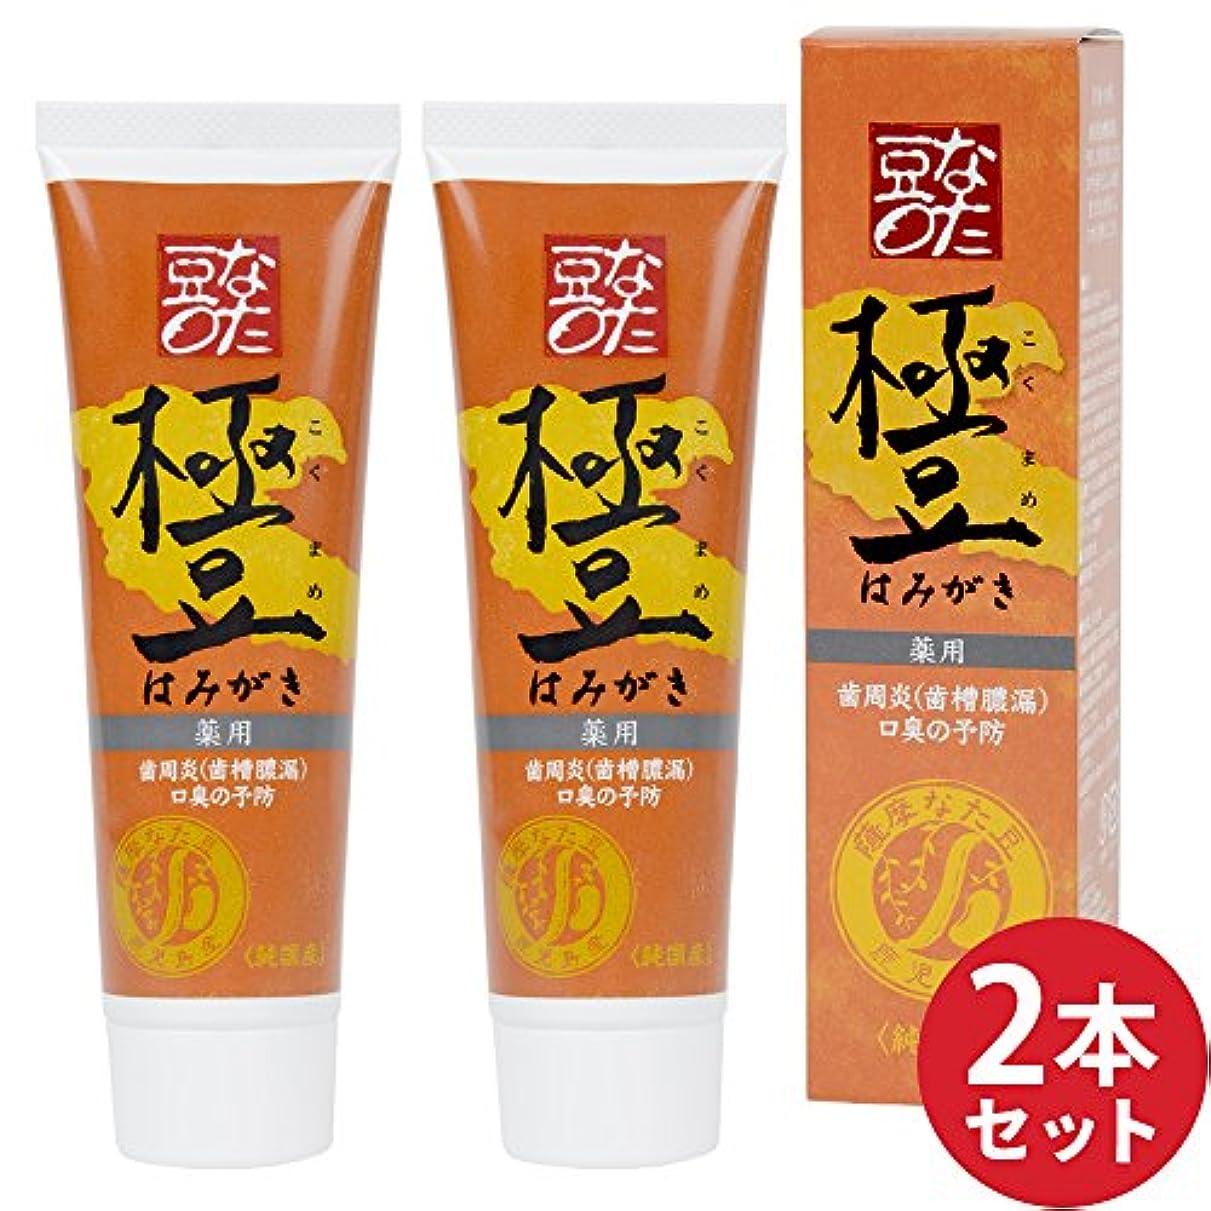 として樫の木購入2本セット【薬用】薩摩なた豆歯磨き(内容量:110g×2)